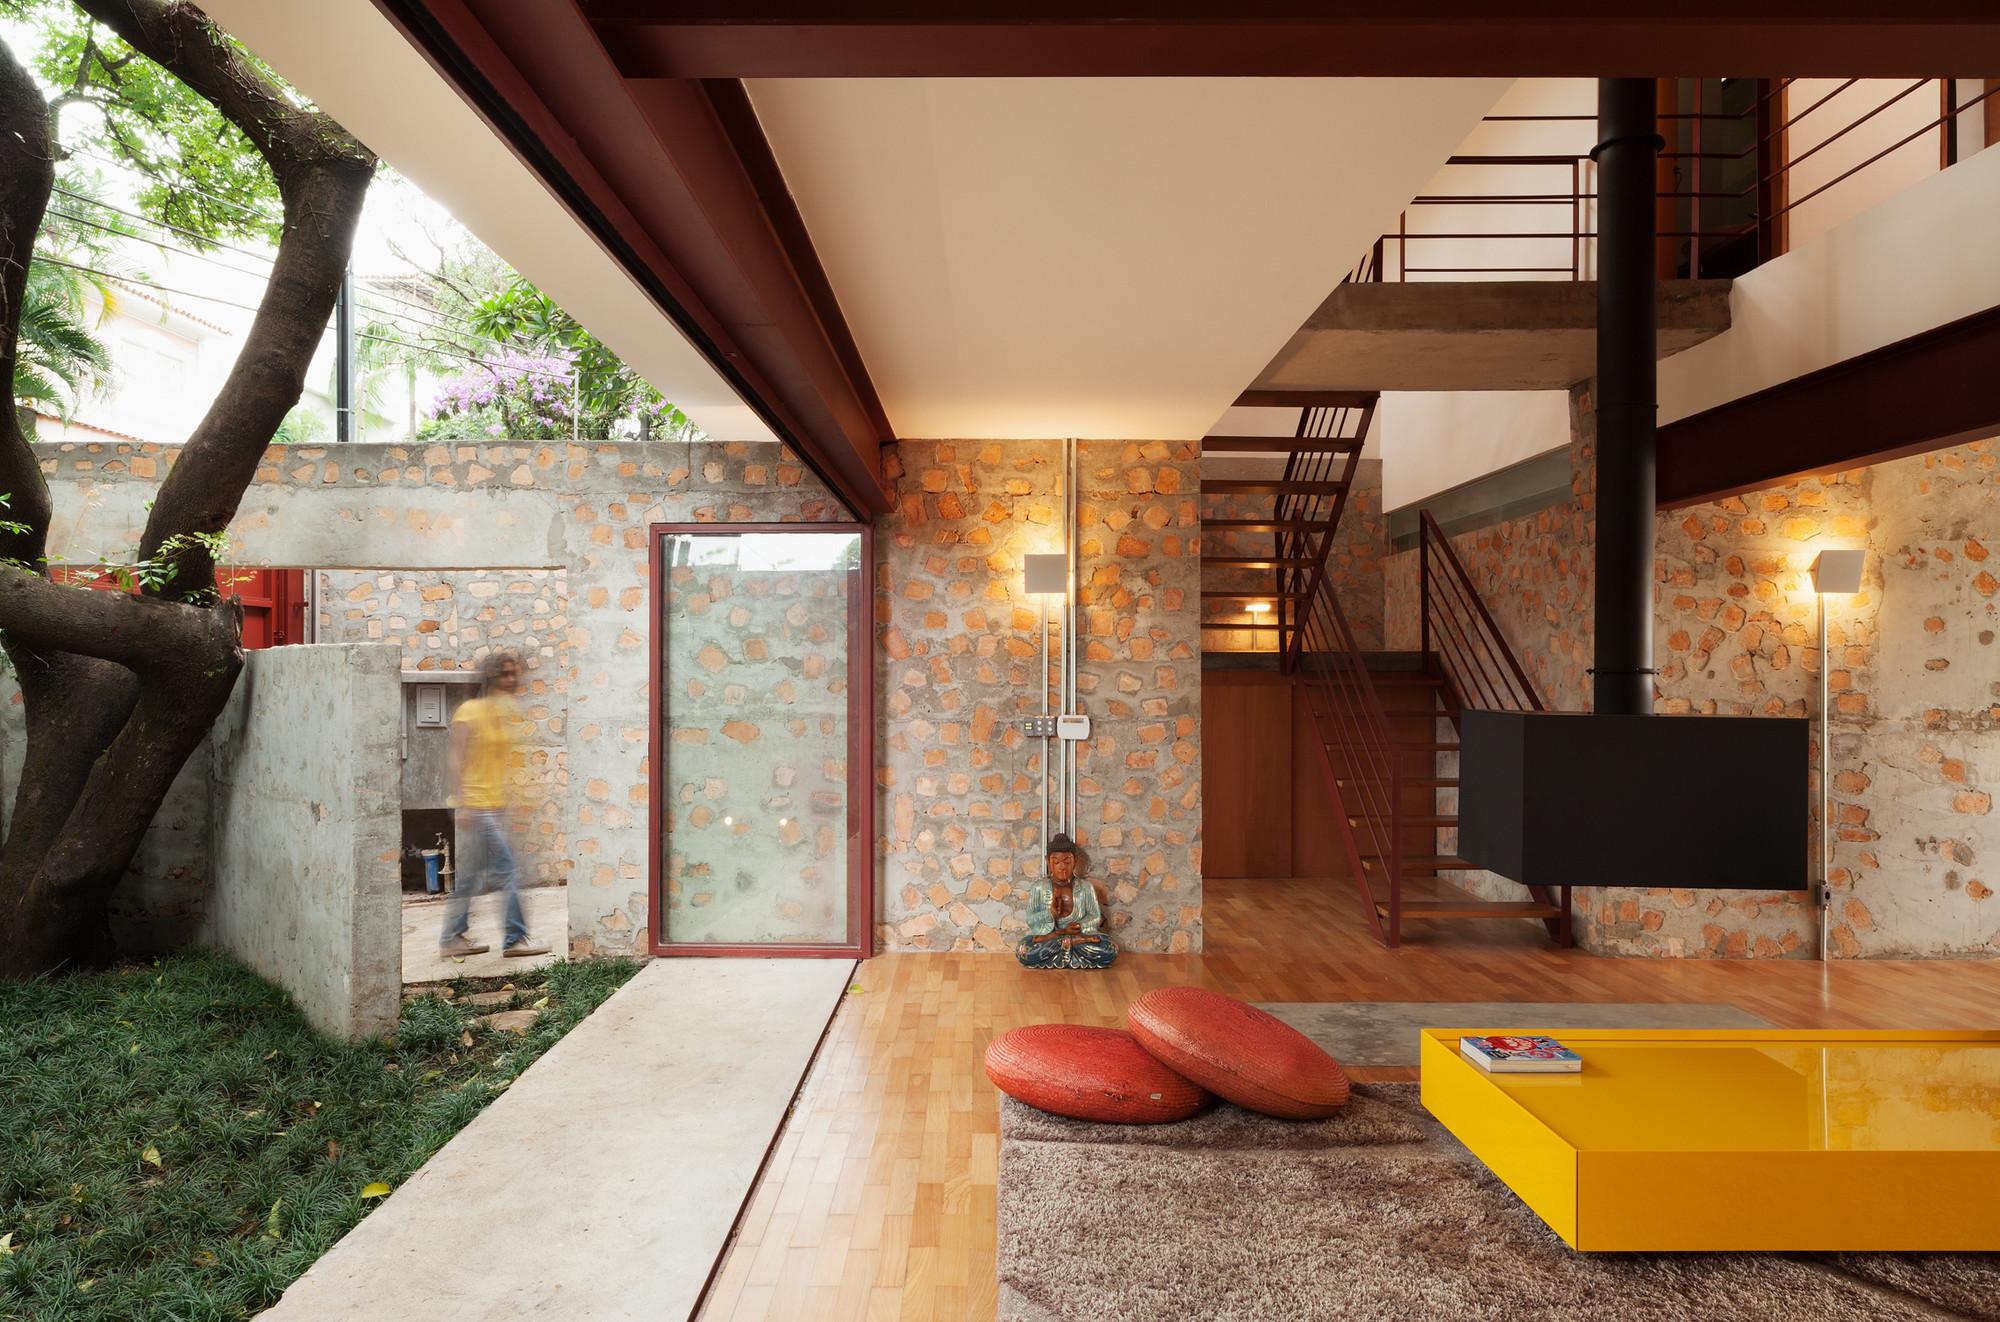 Itobi House / Apiacás Arquitetos, © Pregnolato e Kusuki Estúdio Fotográfico